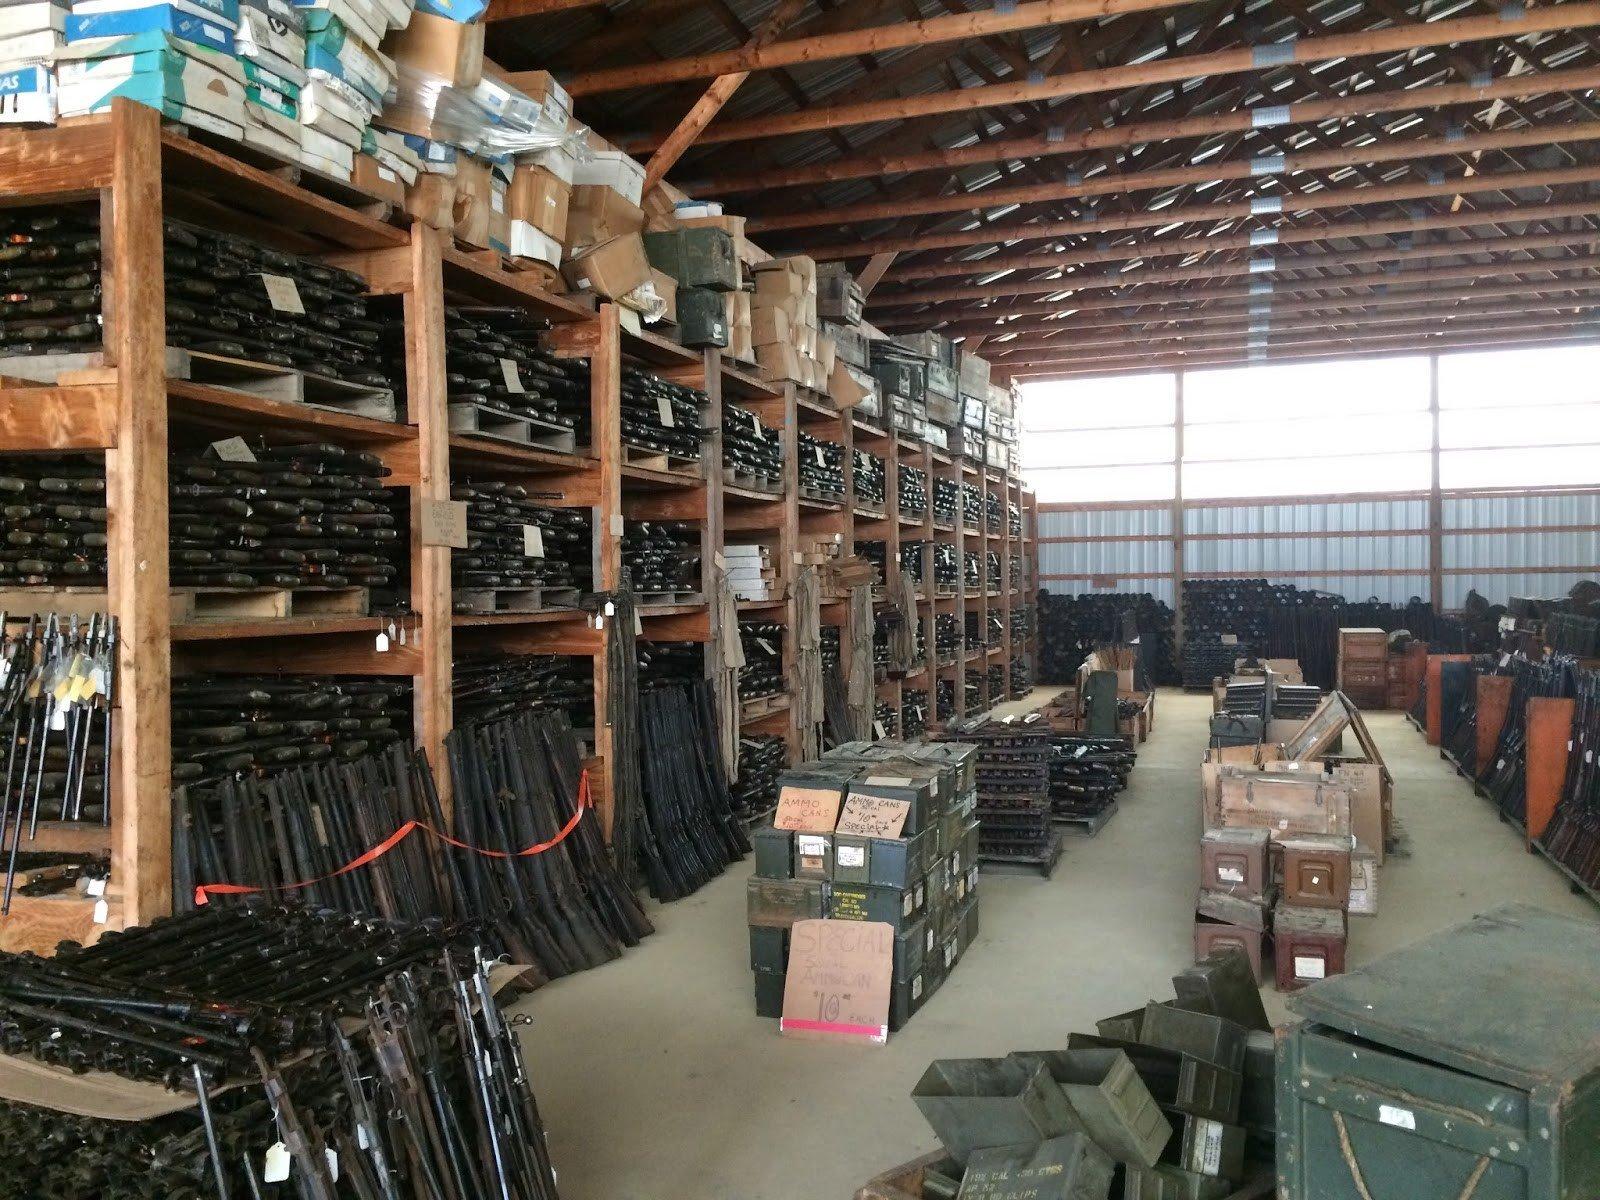 склады с вооружением